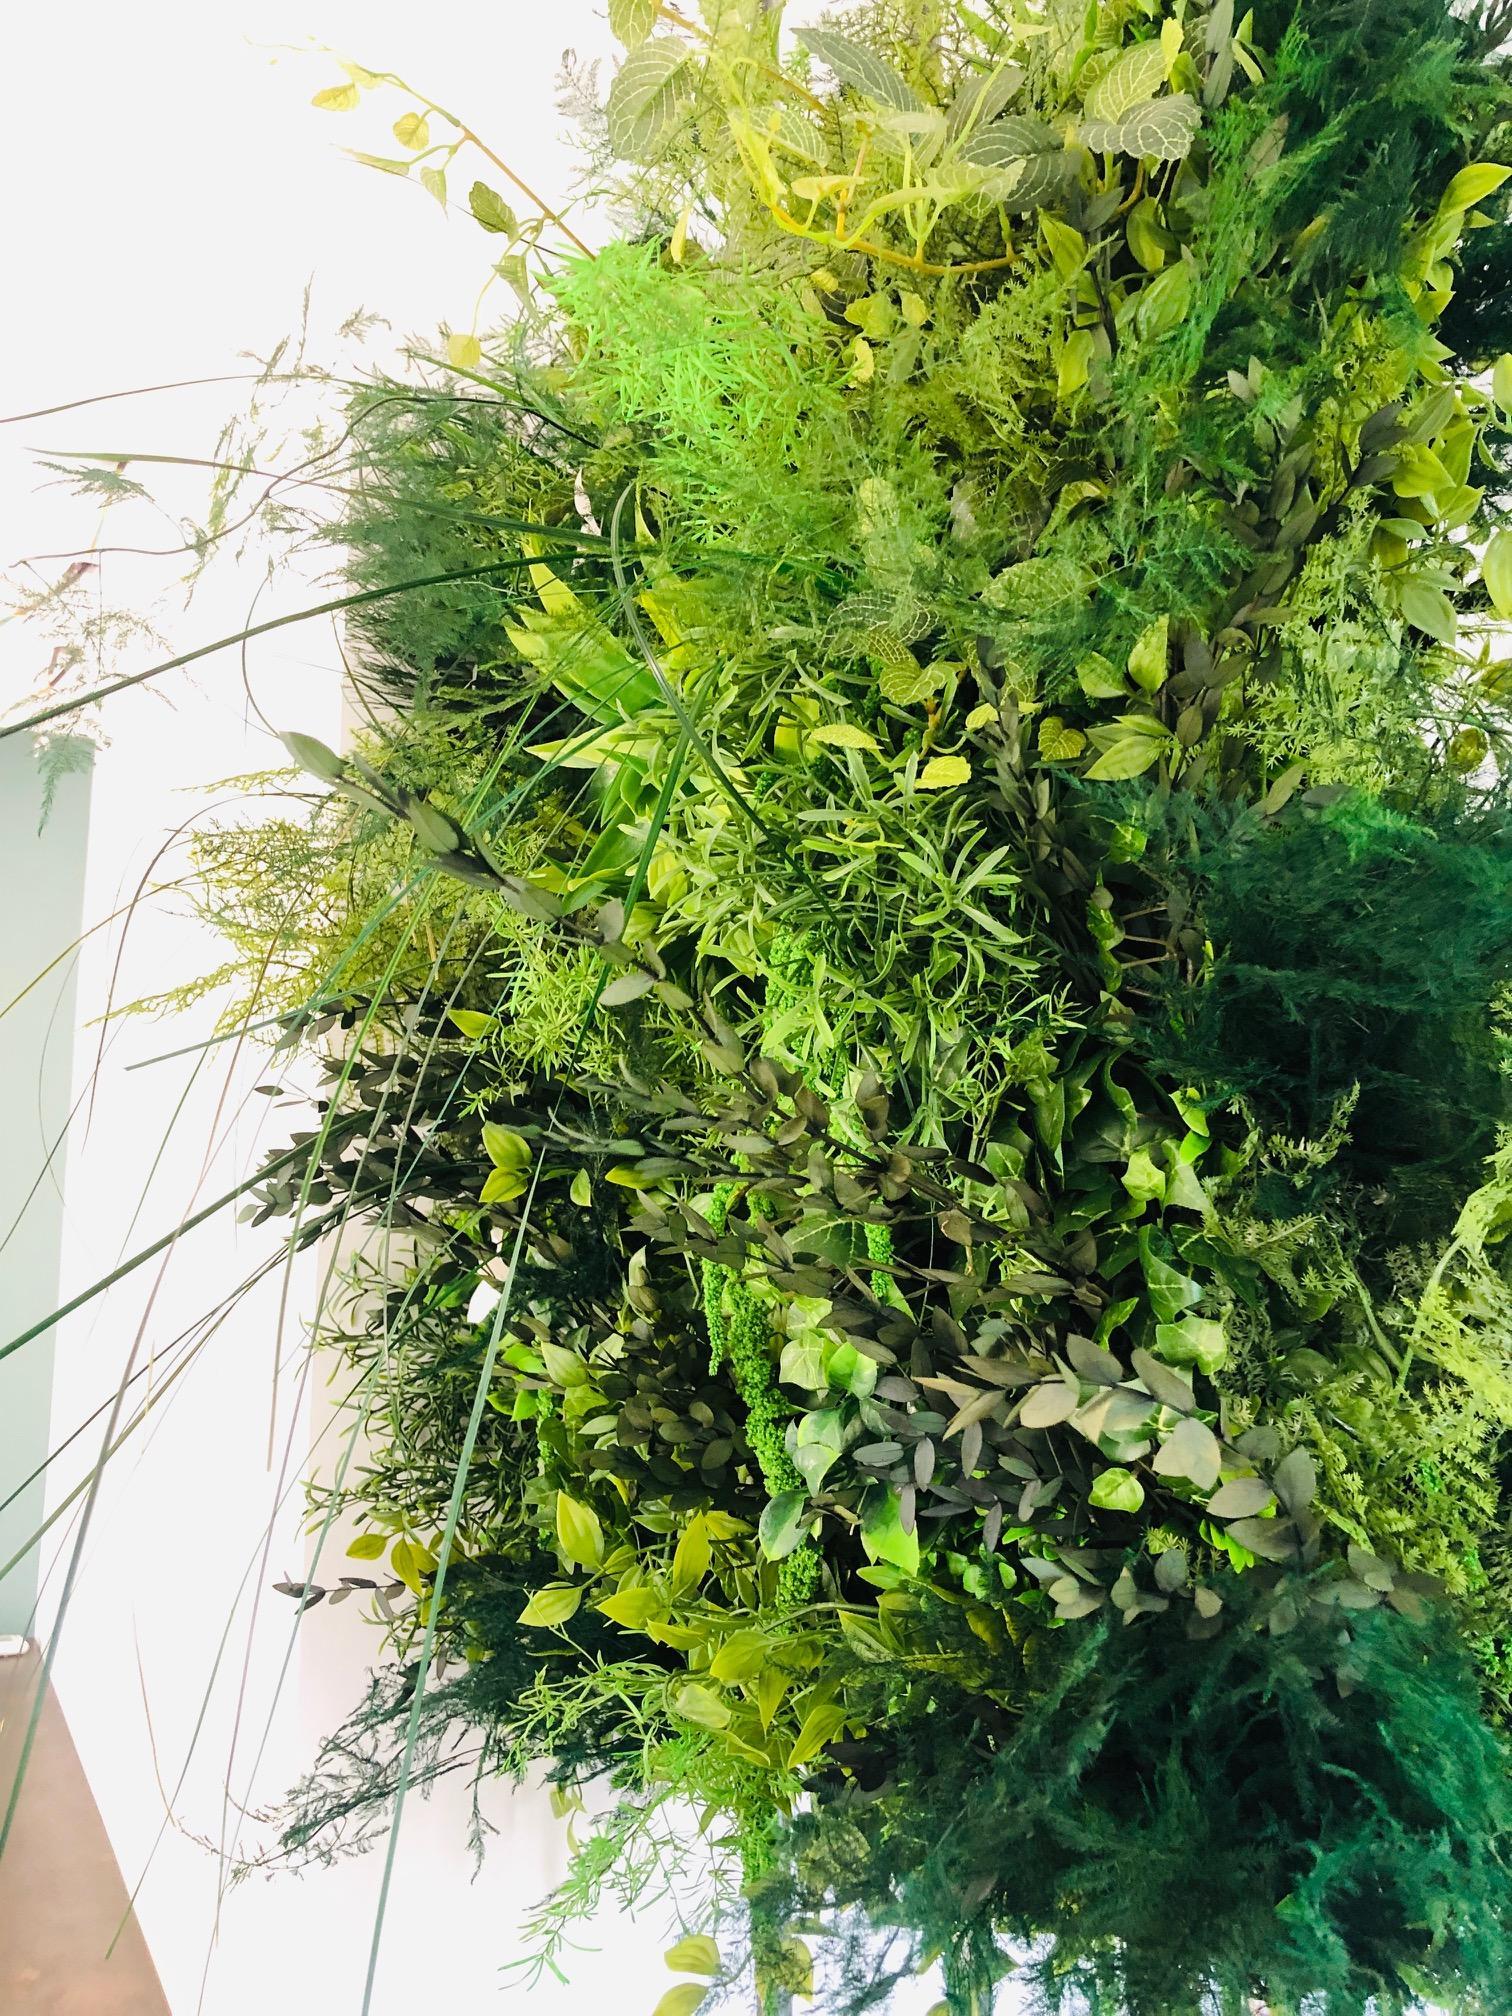 Composition en végétal artificiel haut de gamme